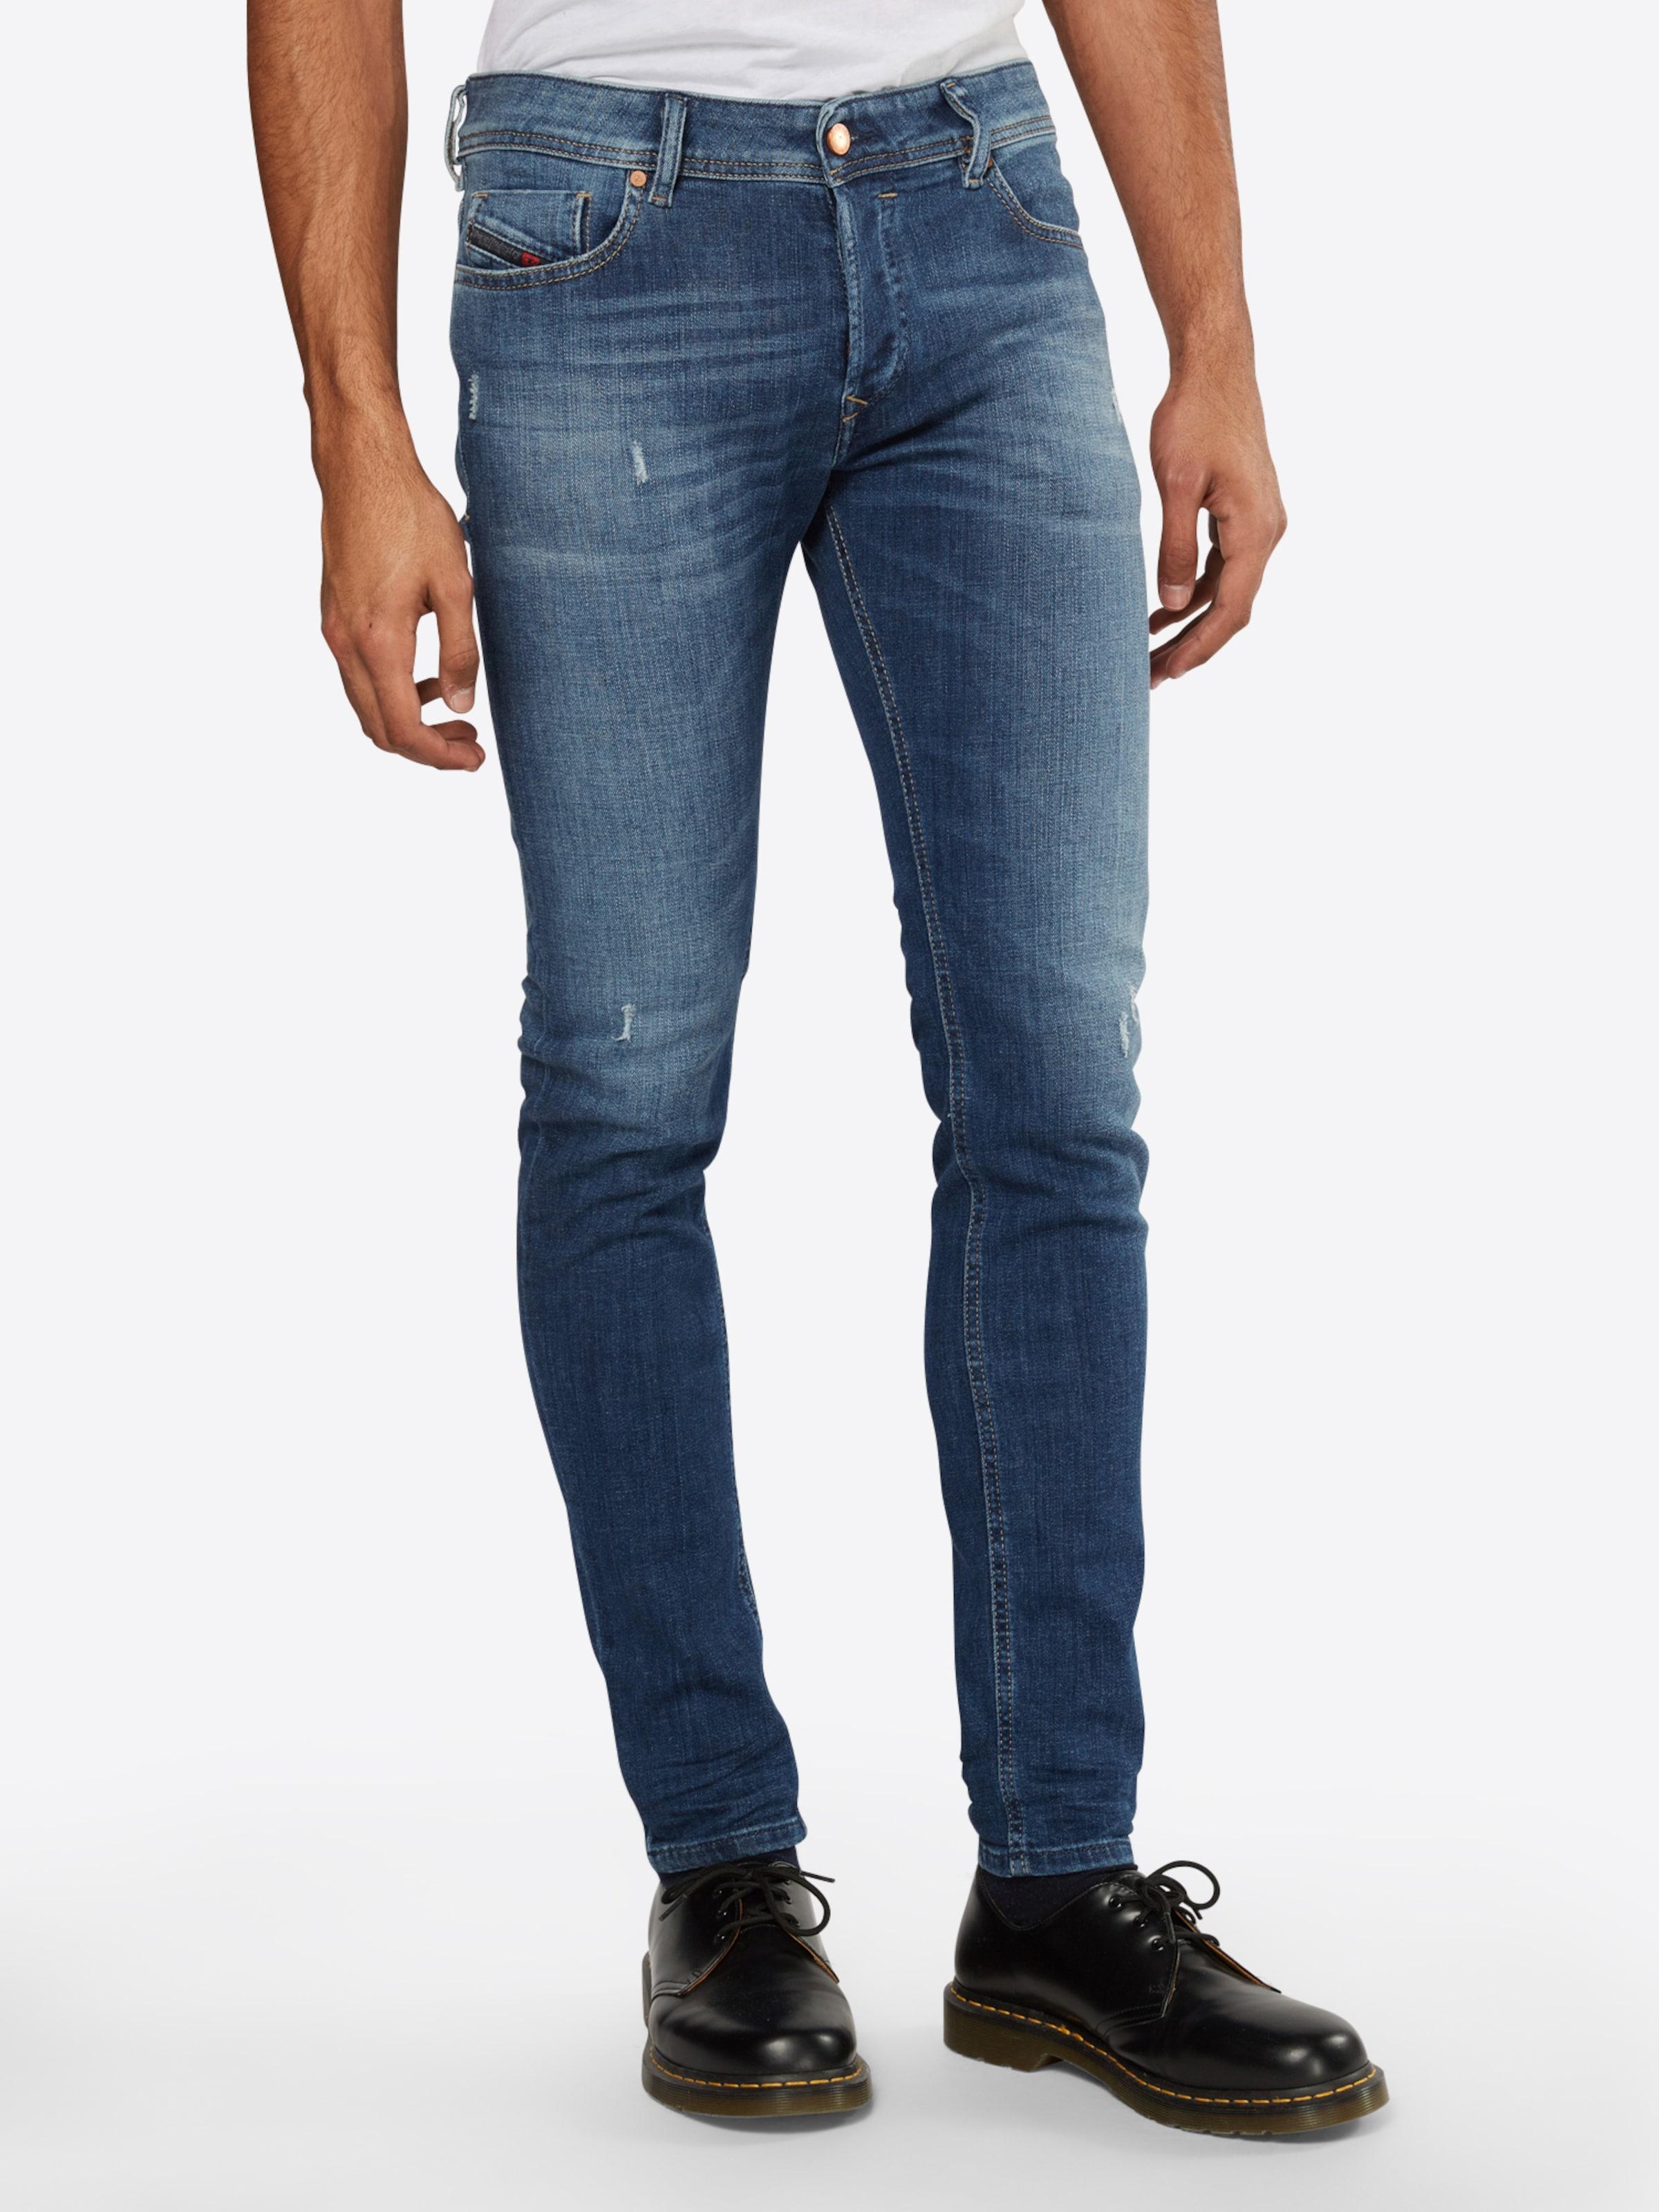 DIESEL 'Sleenker' Jeans Skinny Fit 886Z Nicekicks Freies Verschiffen Zahlen Mit Paypal Schnelle Lieferung Verkauf Online okHgI5Ar